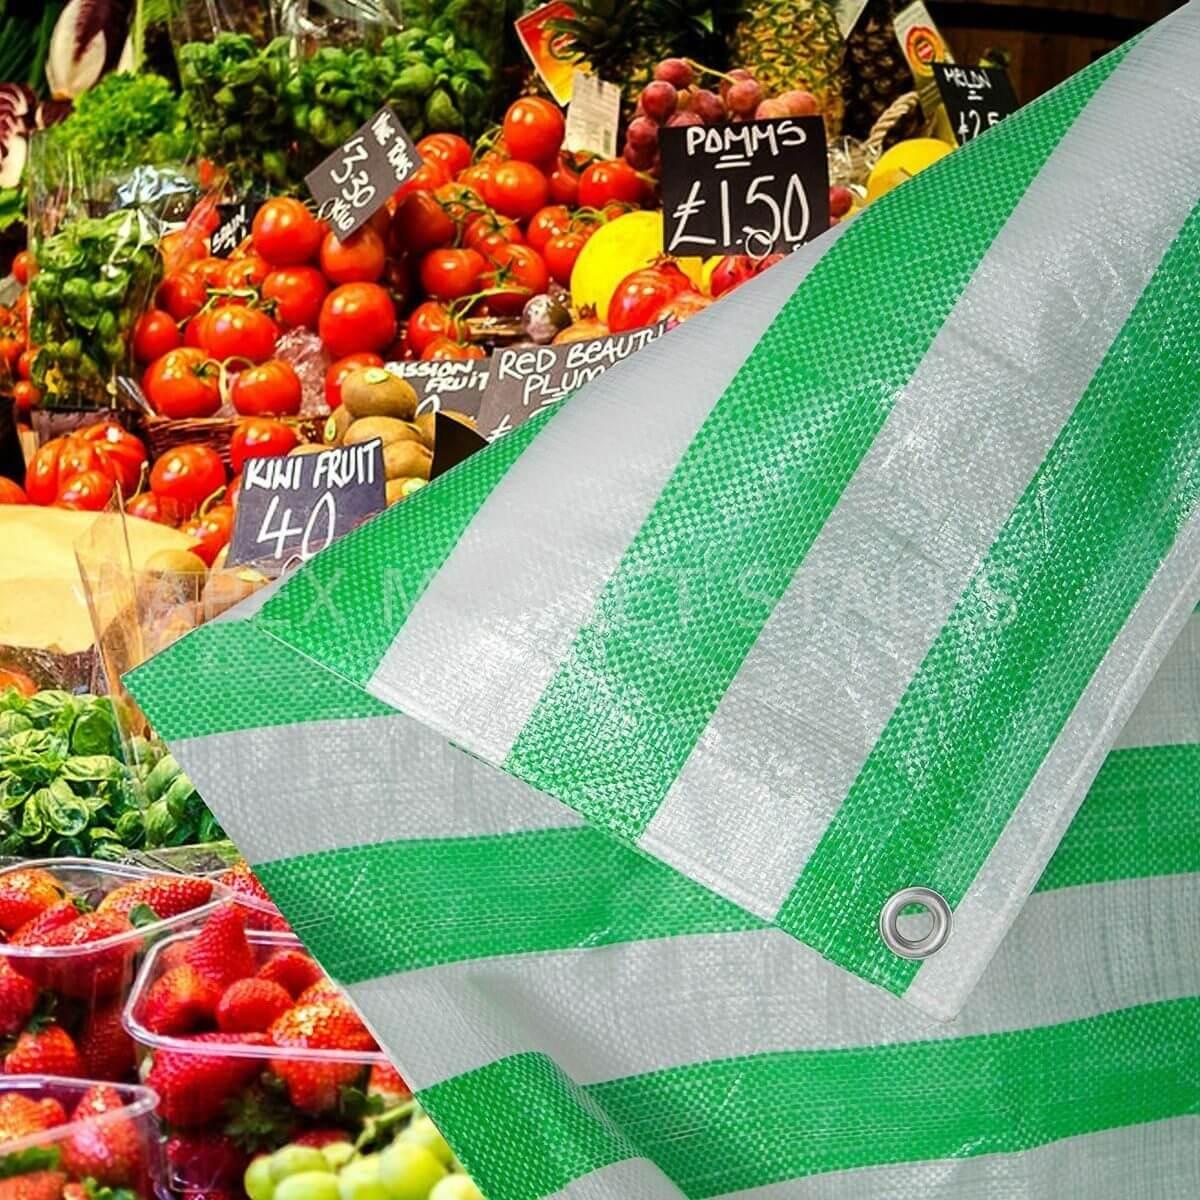 Lona Multiuso Listrada Barraca de Feira Verde/Branco 300 Micras